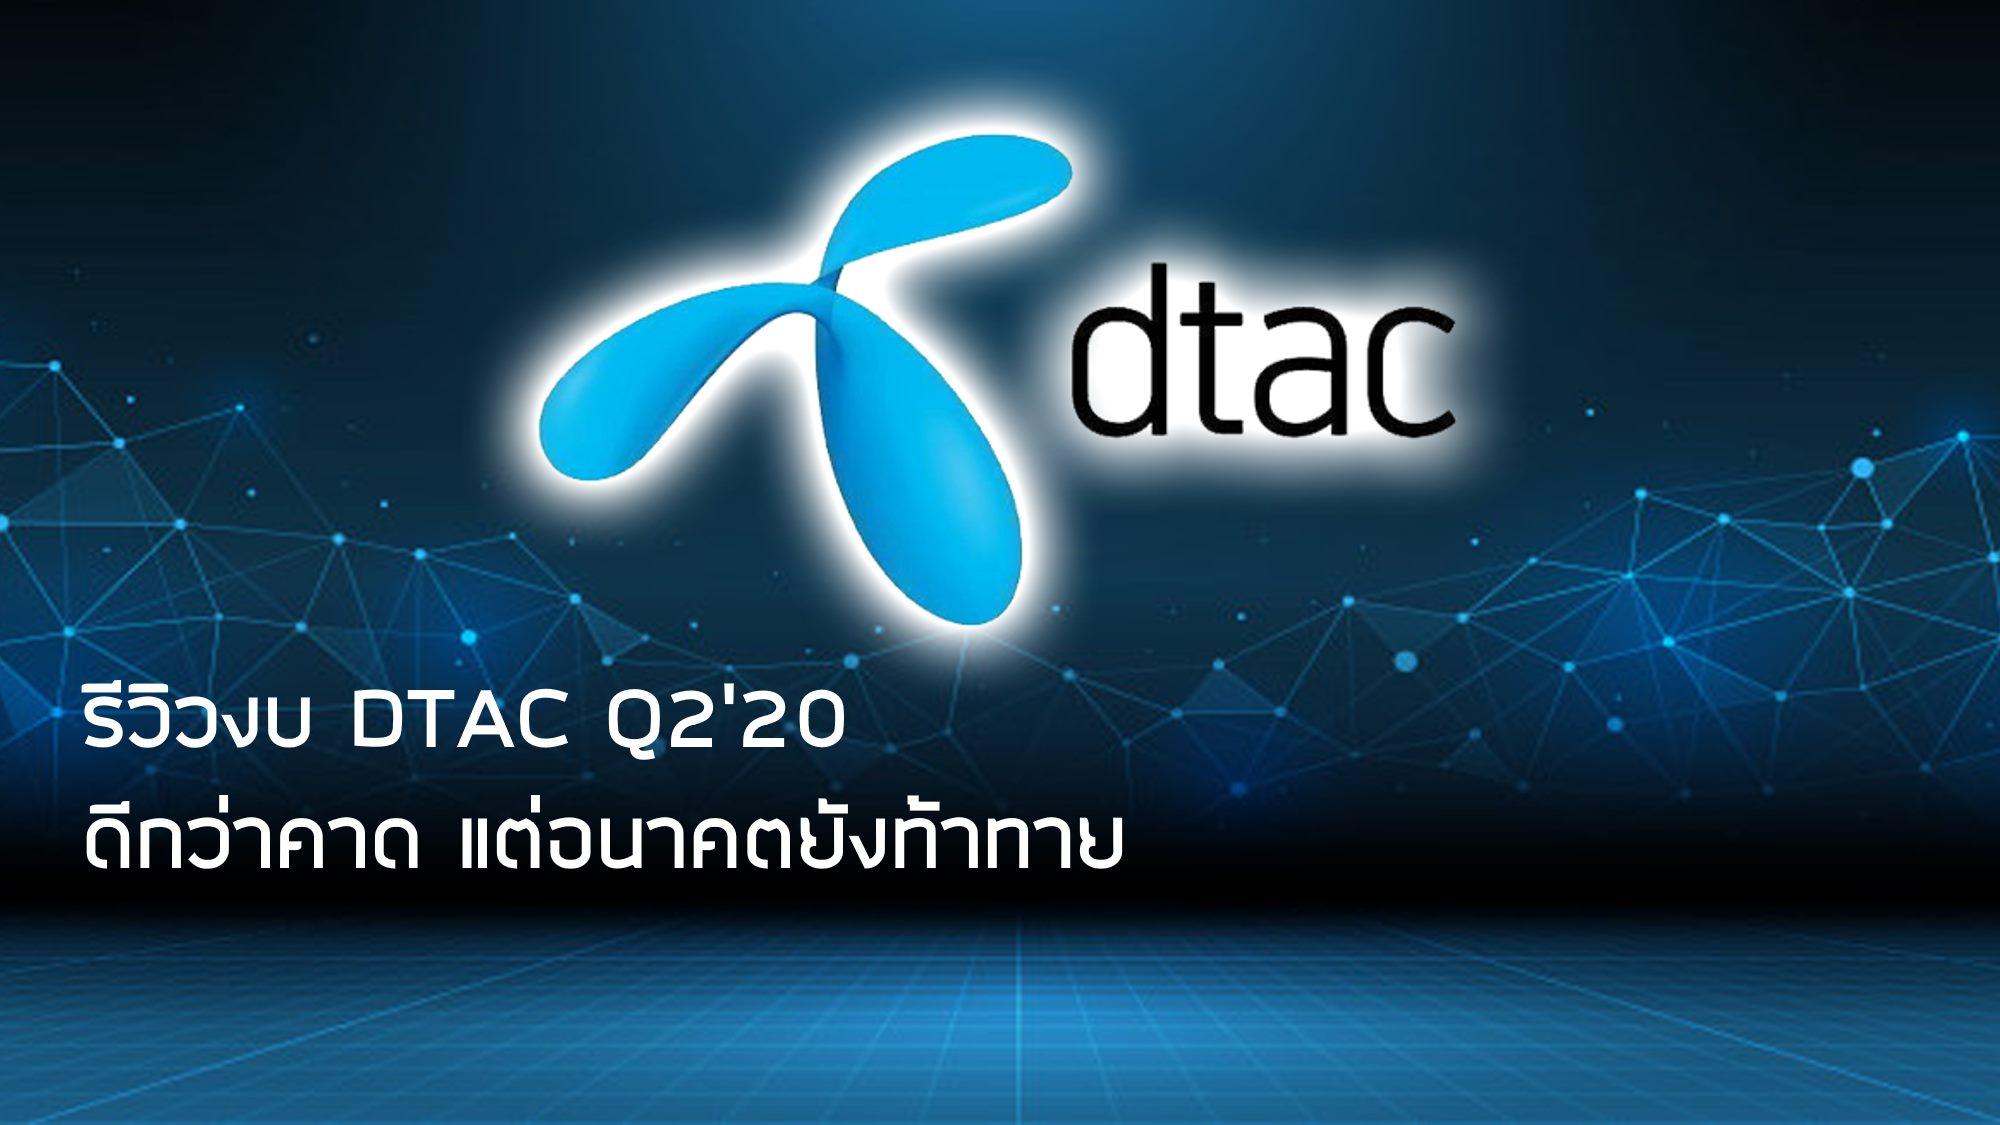 📲 รีวิวงบ DTAC Q2'20 📲 ดีกว่าคาด แต่อนาคตยังท้าทาย